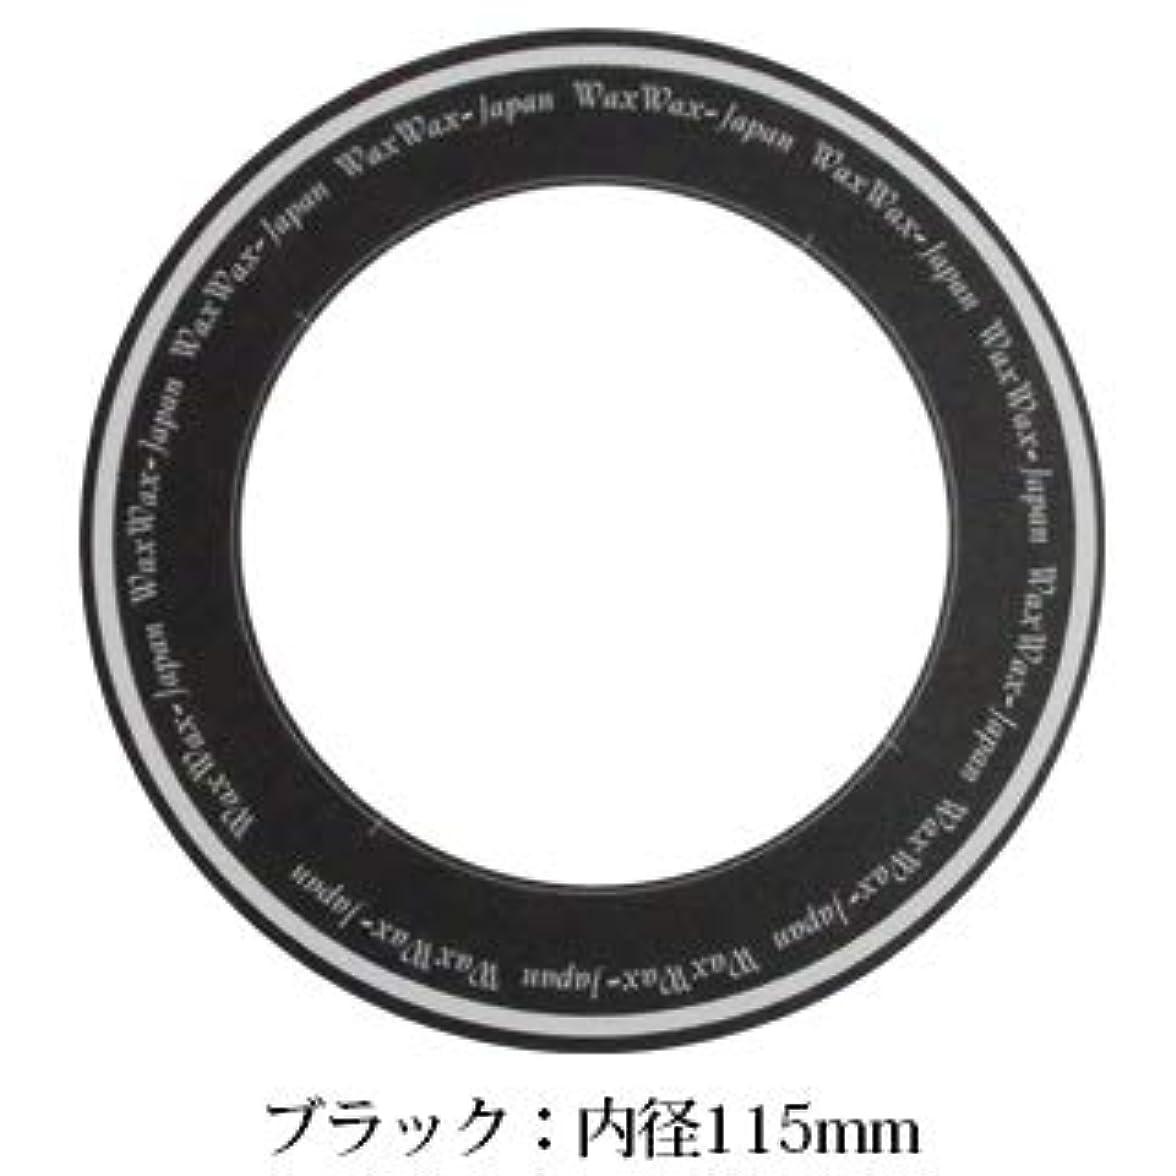 土器シニスグラムワックス脱毛用カラー 50枚入 ワックスウォーマー専用 (Bタイプ ブラック 内径:115mm)